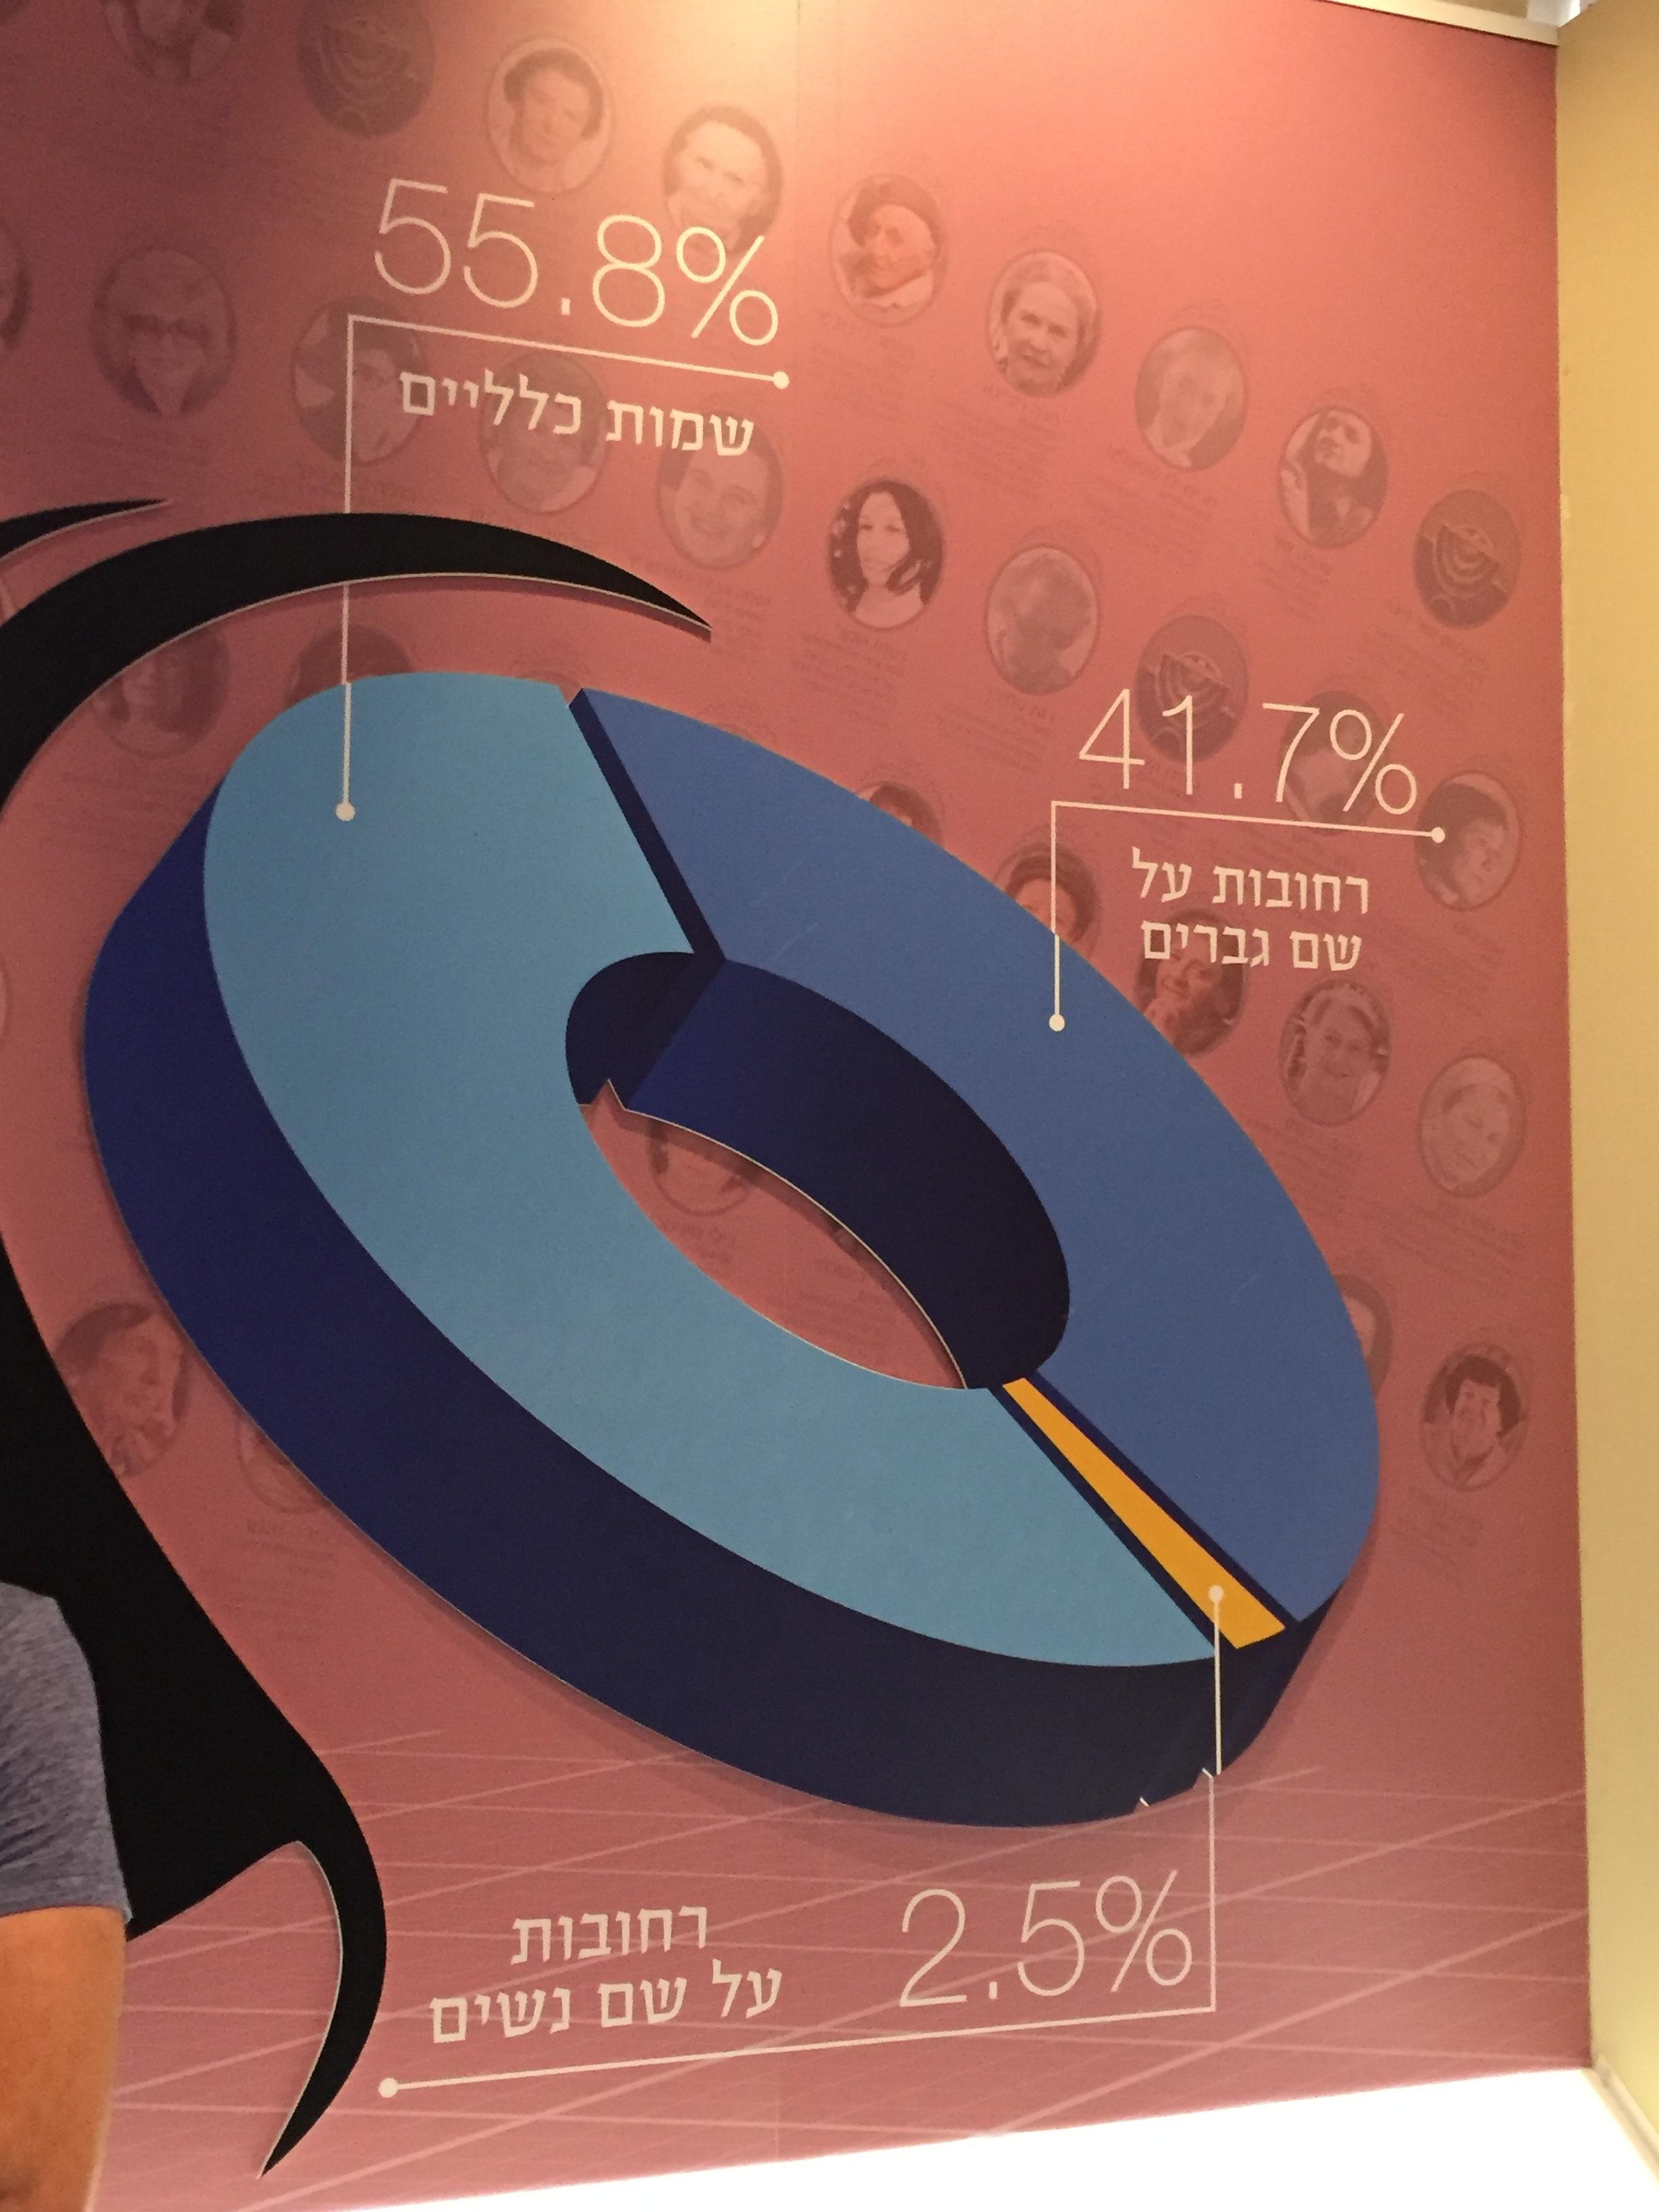 """מתוך התערוכה """"רחובות תל אביב"""" במוזיאון הרצלילינבלום"""